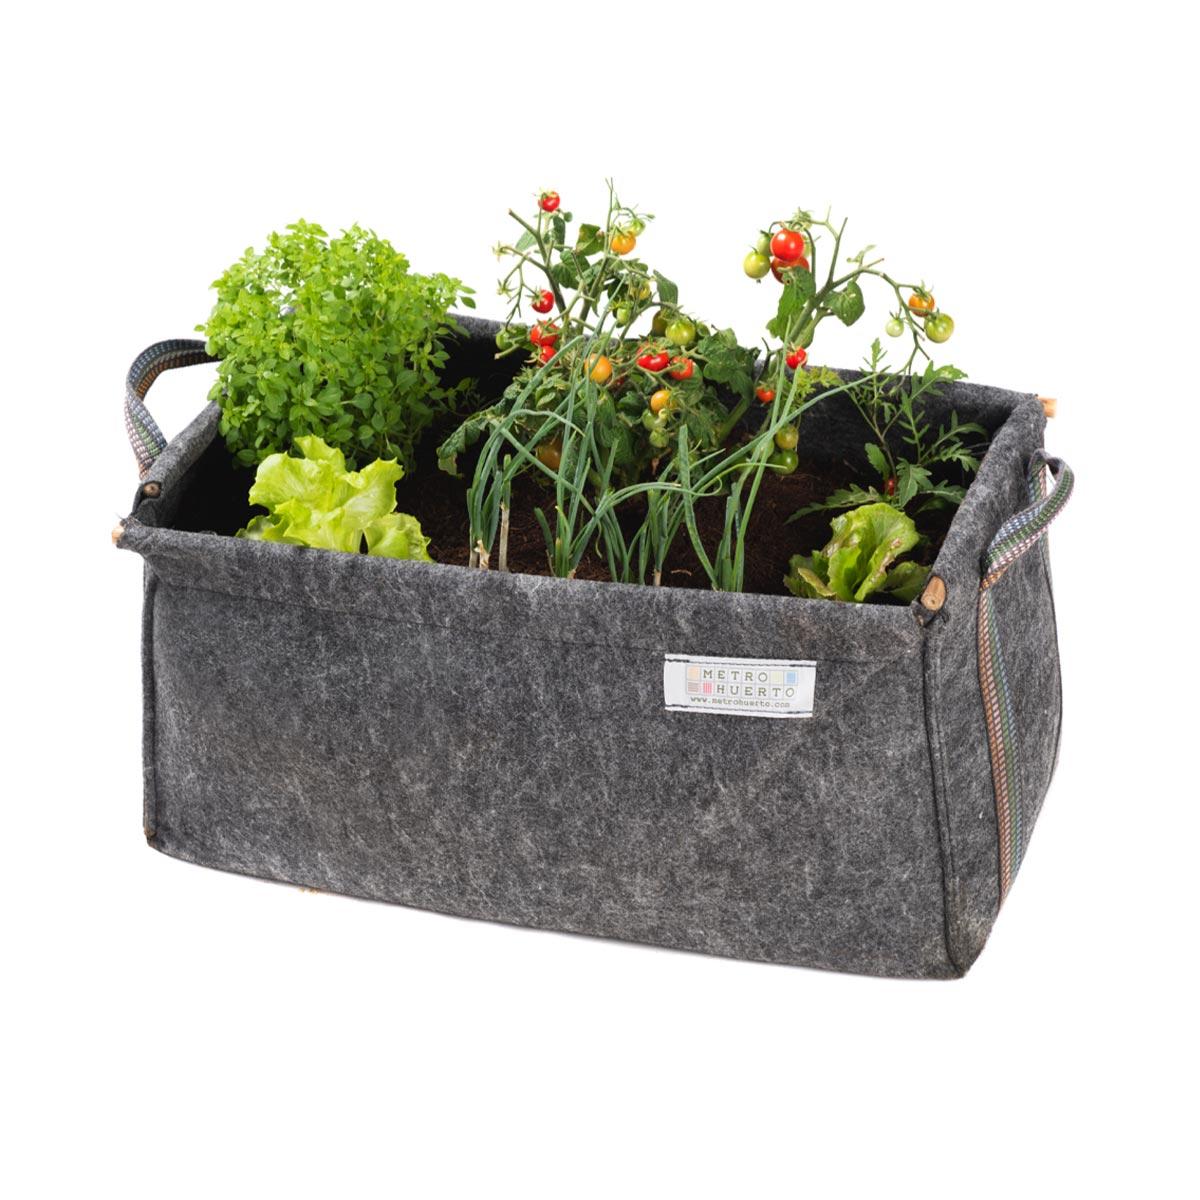 Jardinière bac à fleurs en géotextile 60 x 30 x 30 cm